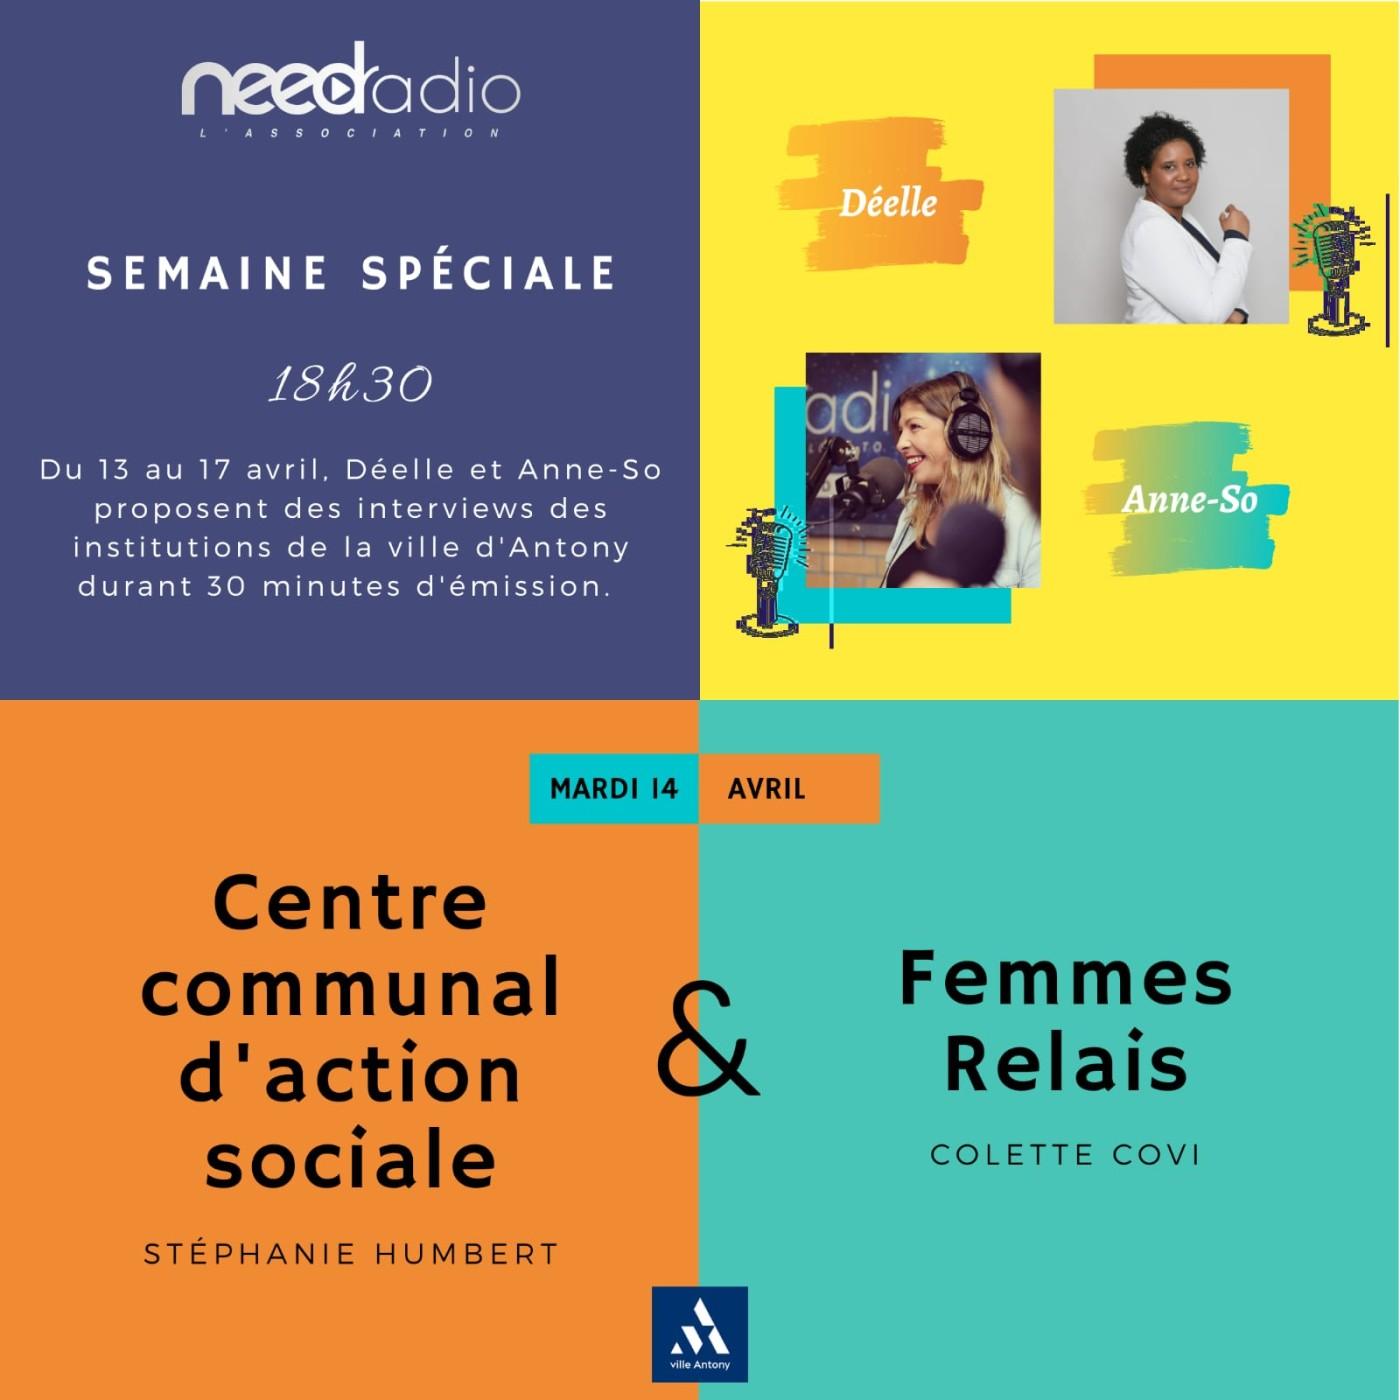 #NRVDLP spéciale confinement - Les Femmes Relais et le CCAS (14/04/20)